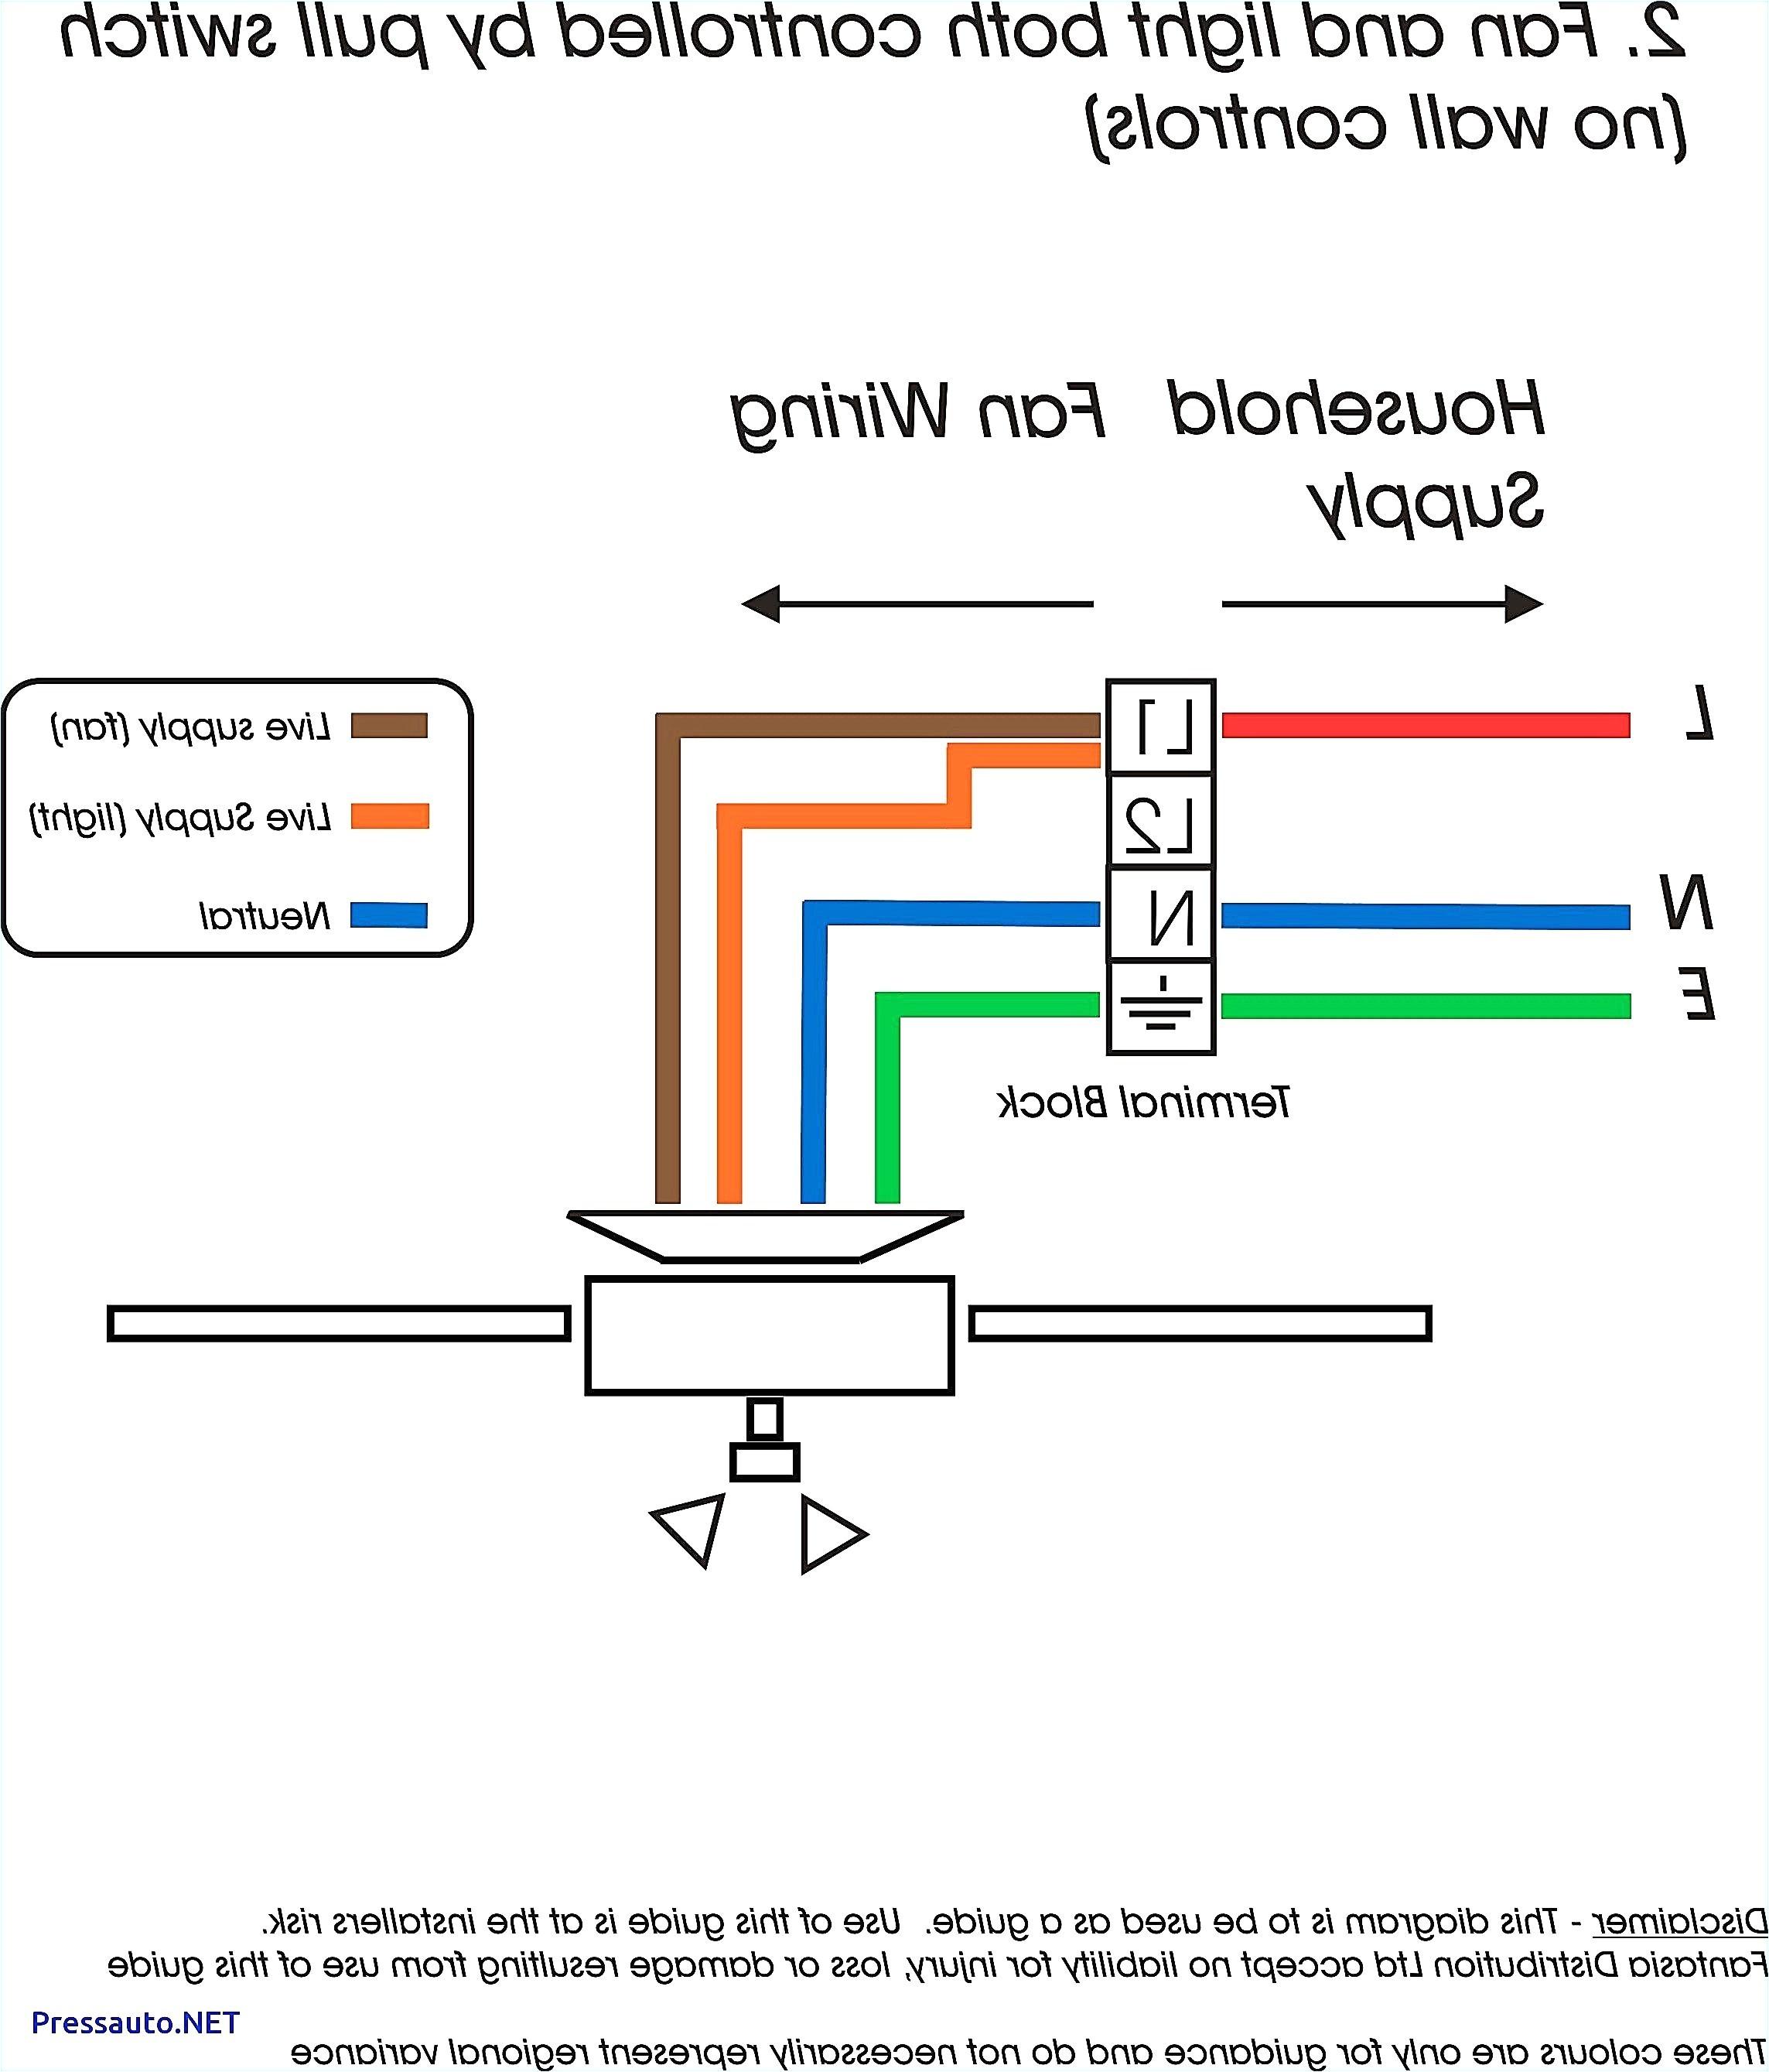 pioneer amp wiring diagram wiring diagrams konsult pioneer amplifier wiring diagram pioneer amp wiring diagram